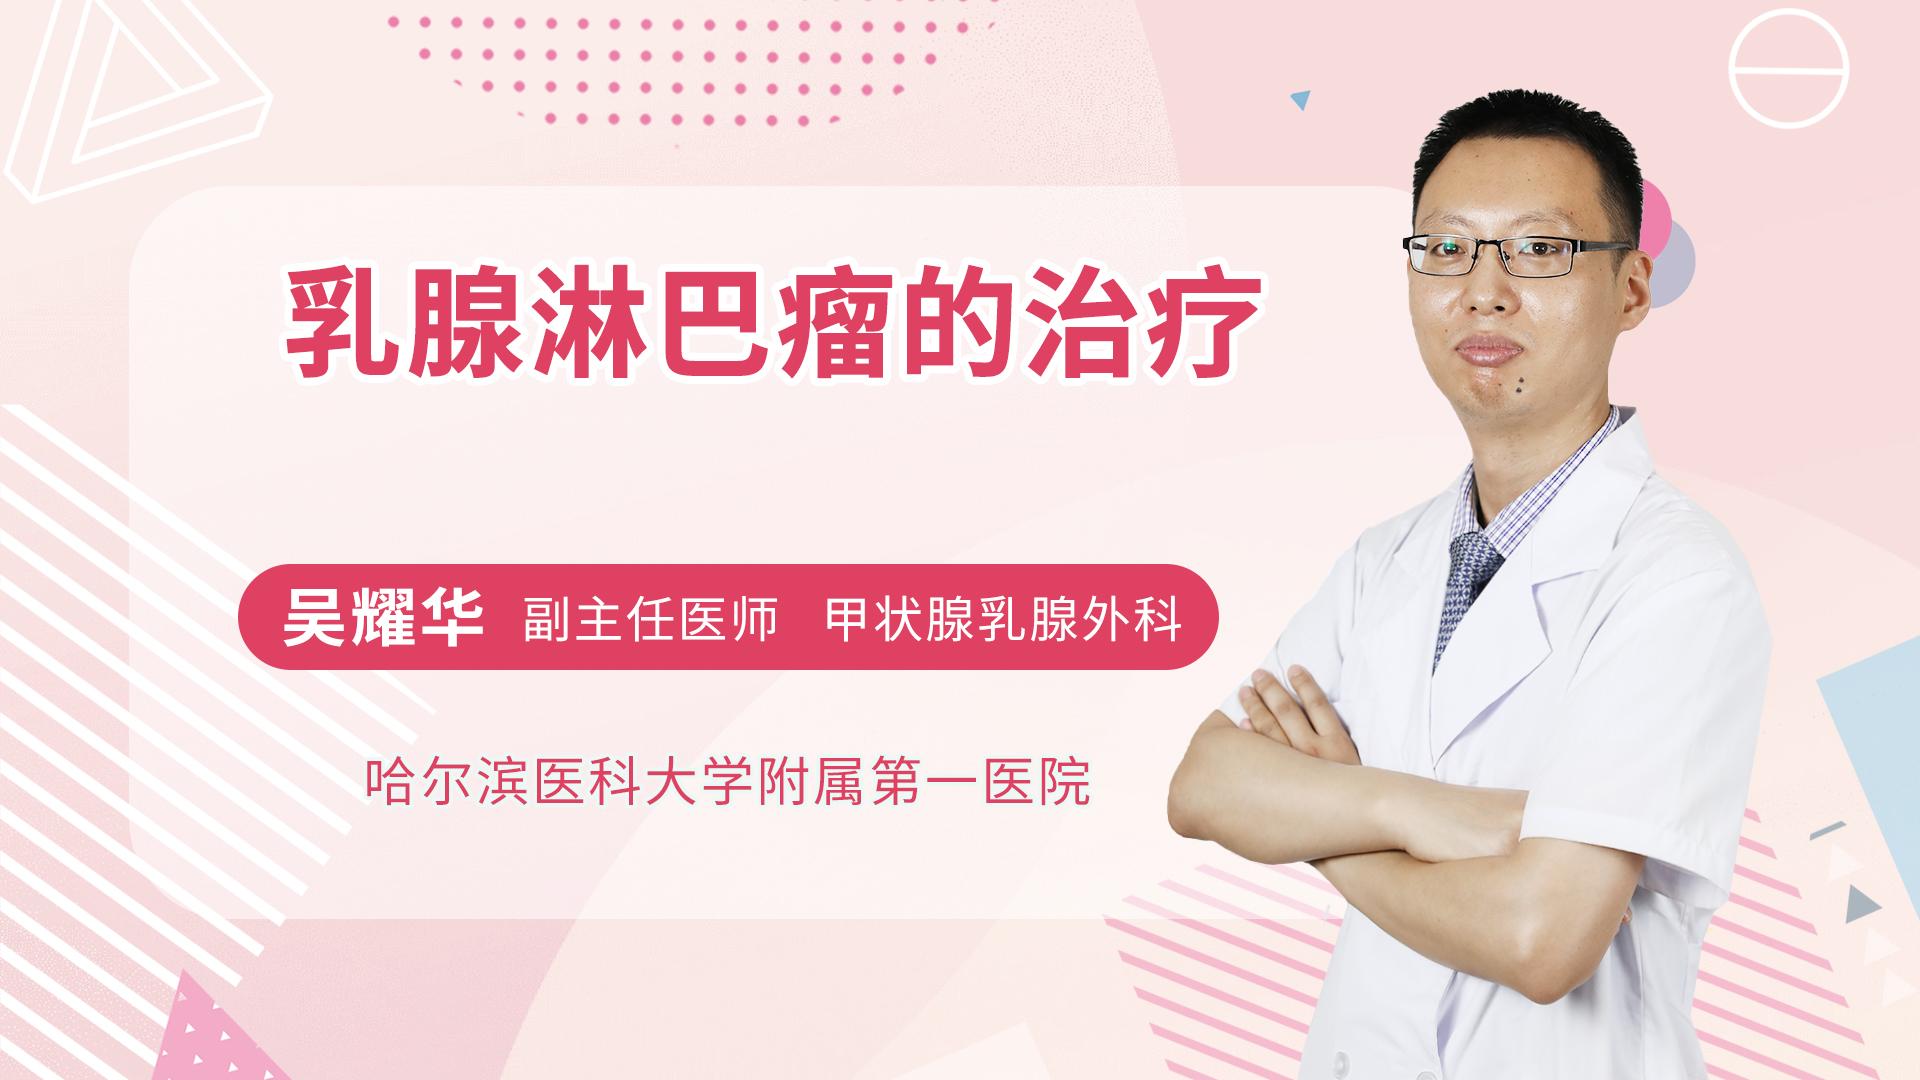 乳腺淋巴瘤的治疗